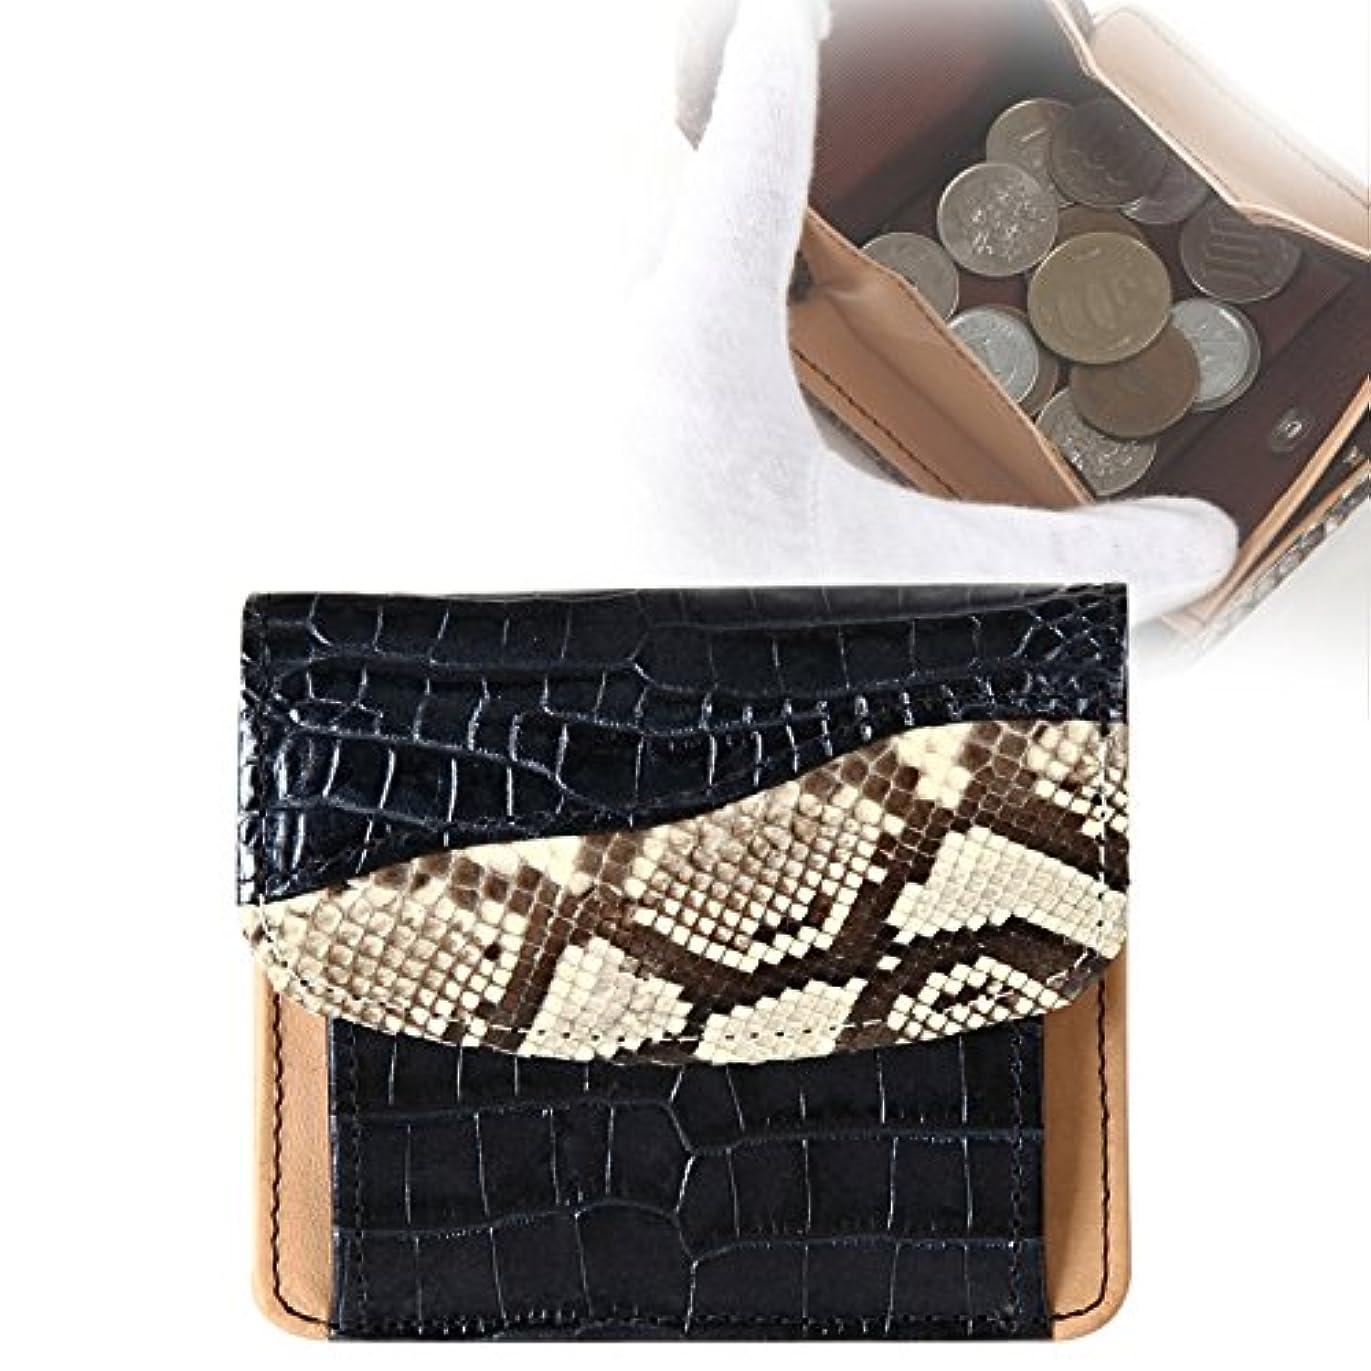 関与する慢なブリード財布 メンズ コインケース 小銭入れ 錦ヘビ&ワニ型押しカード&小銭入れ ネイビー 102918 春財布